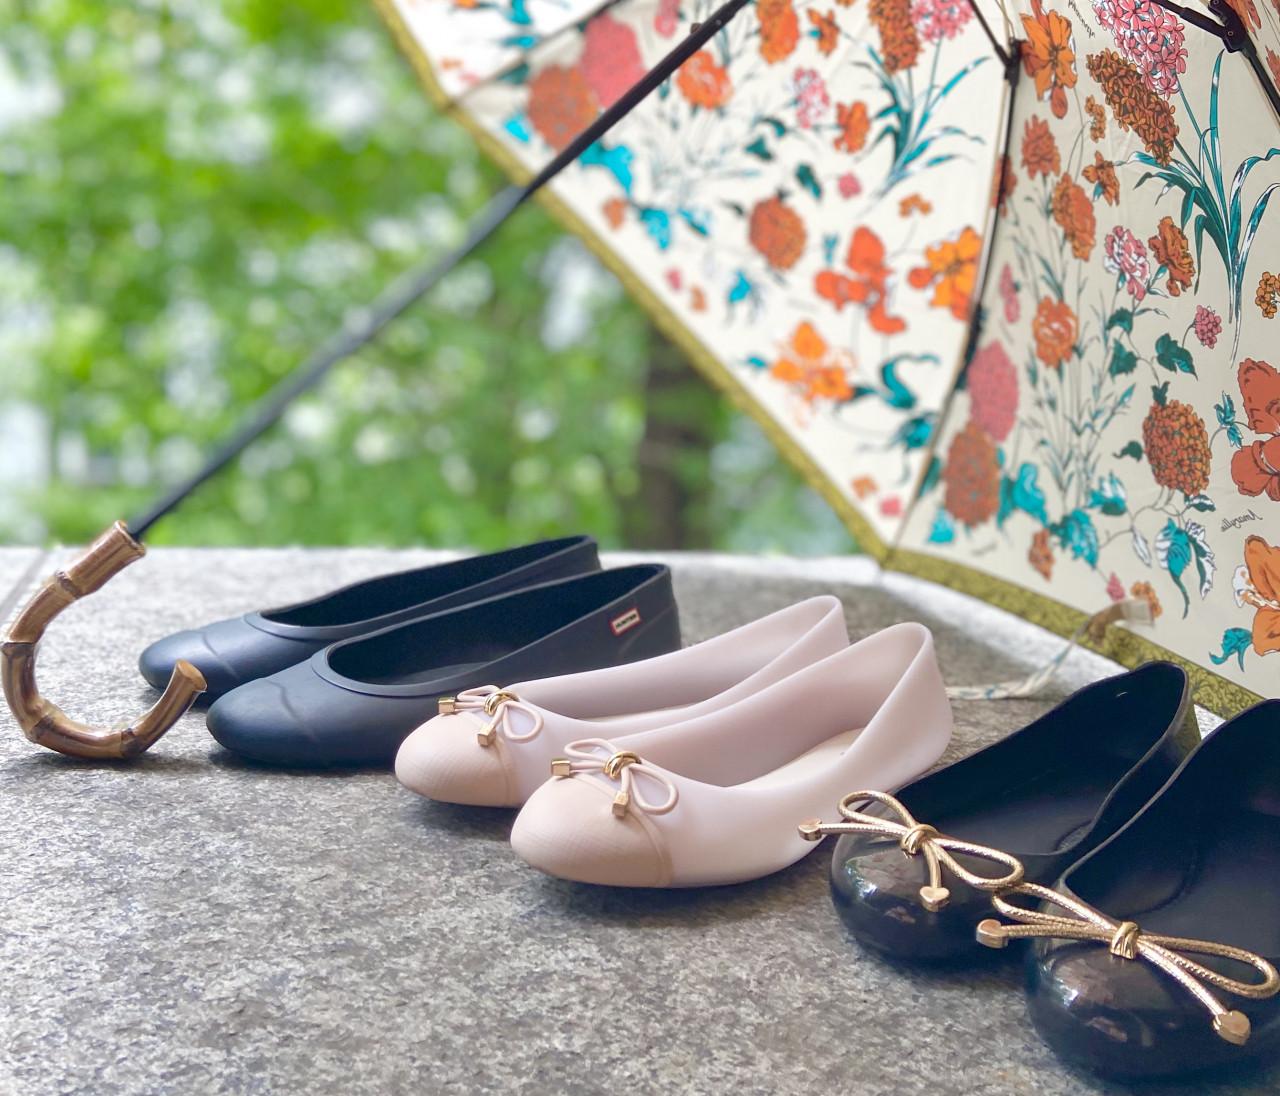 【梅雨ファッション】諦めなくて大丈夫!使える・おしゃれレインシューズを紹介します♡